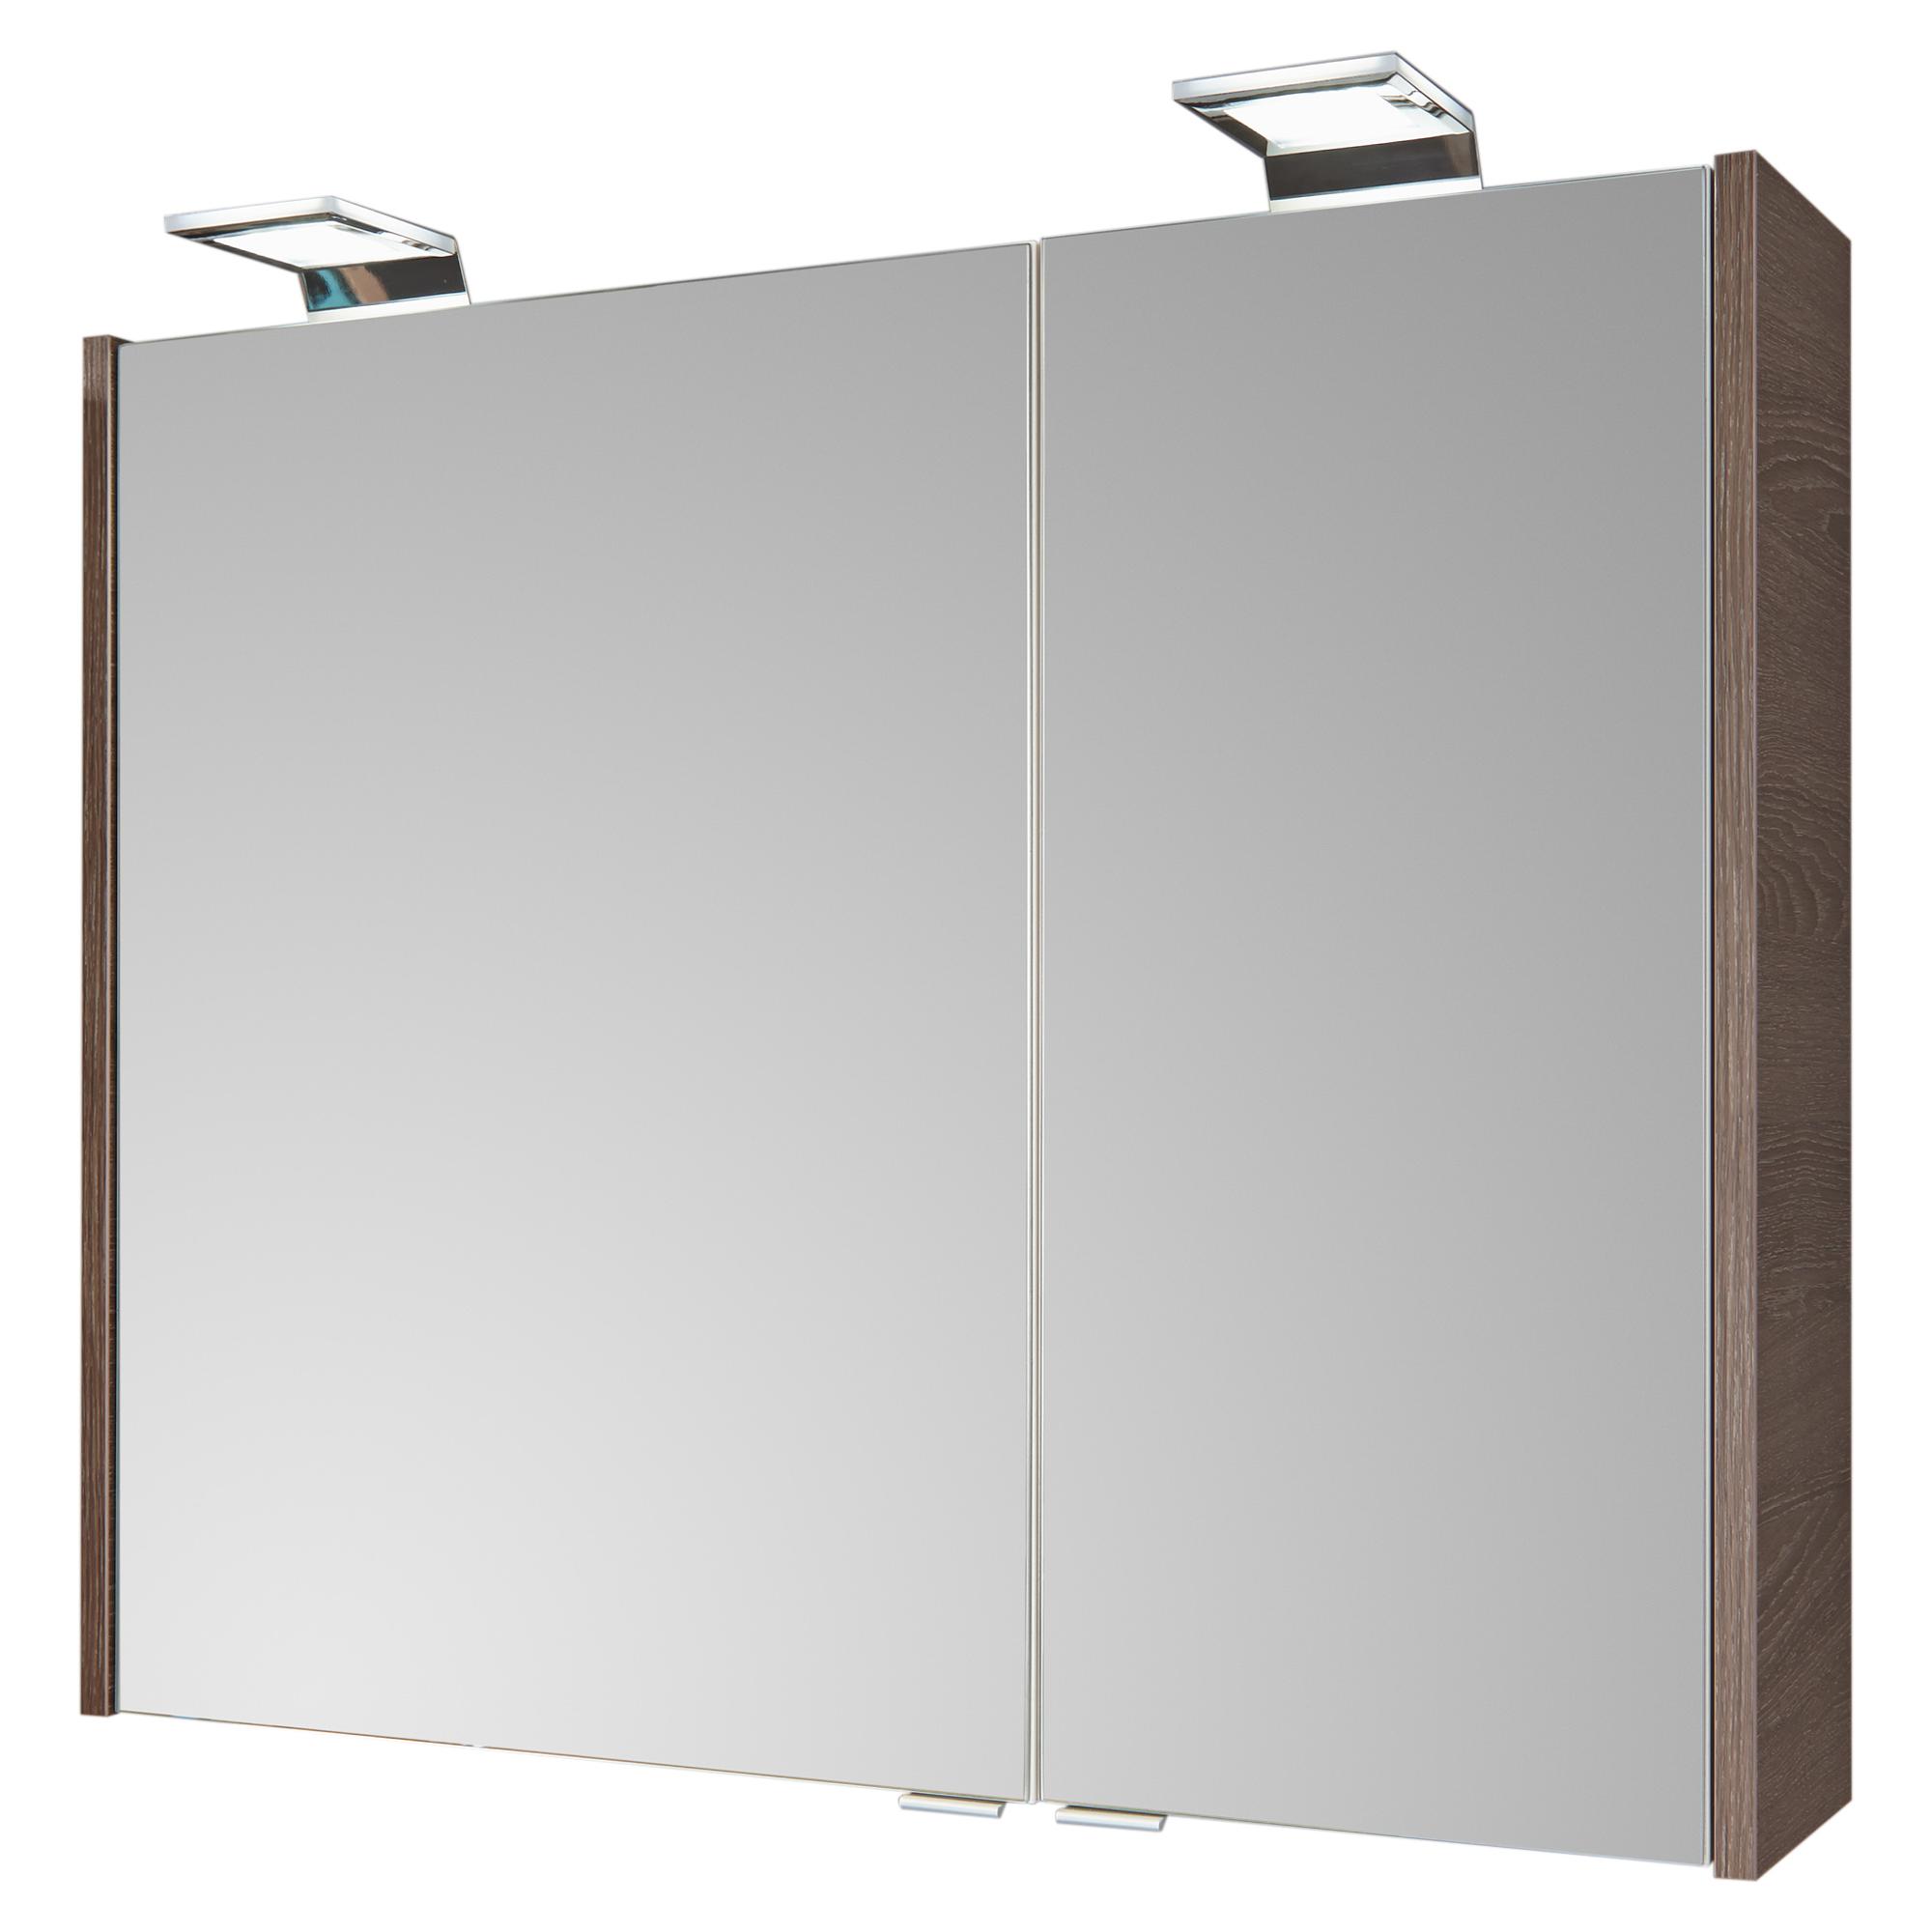 Spiegelschranke ǀ Toom Baumarkt